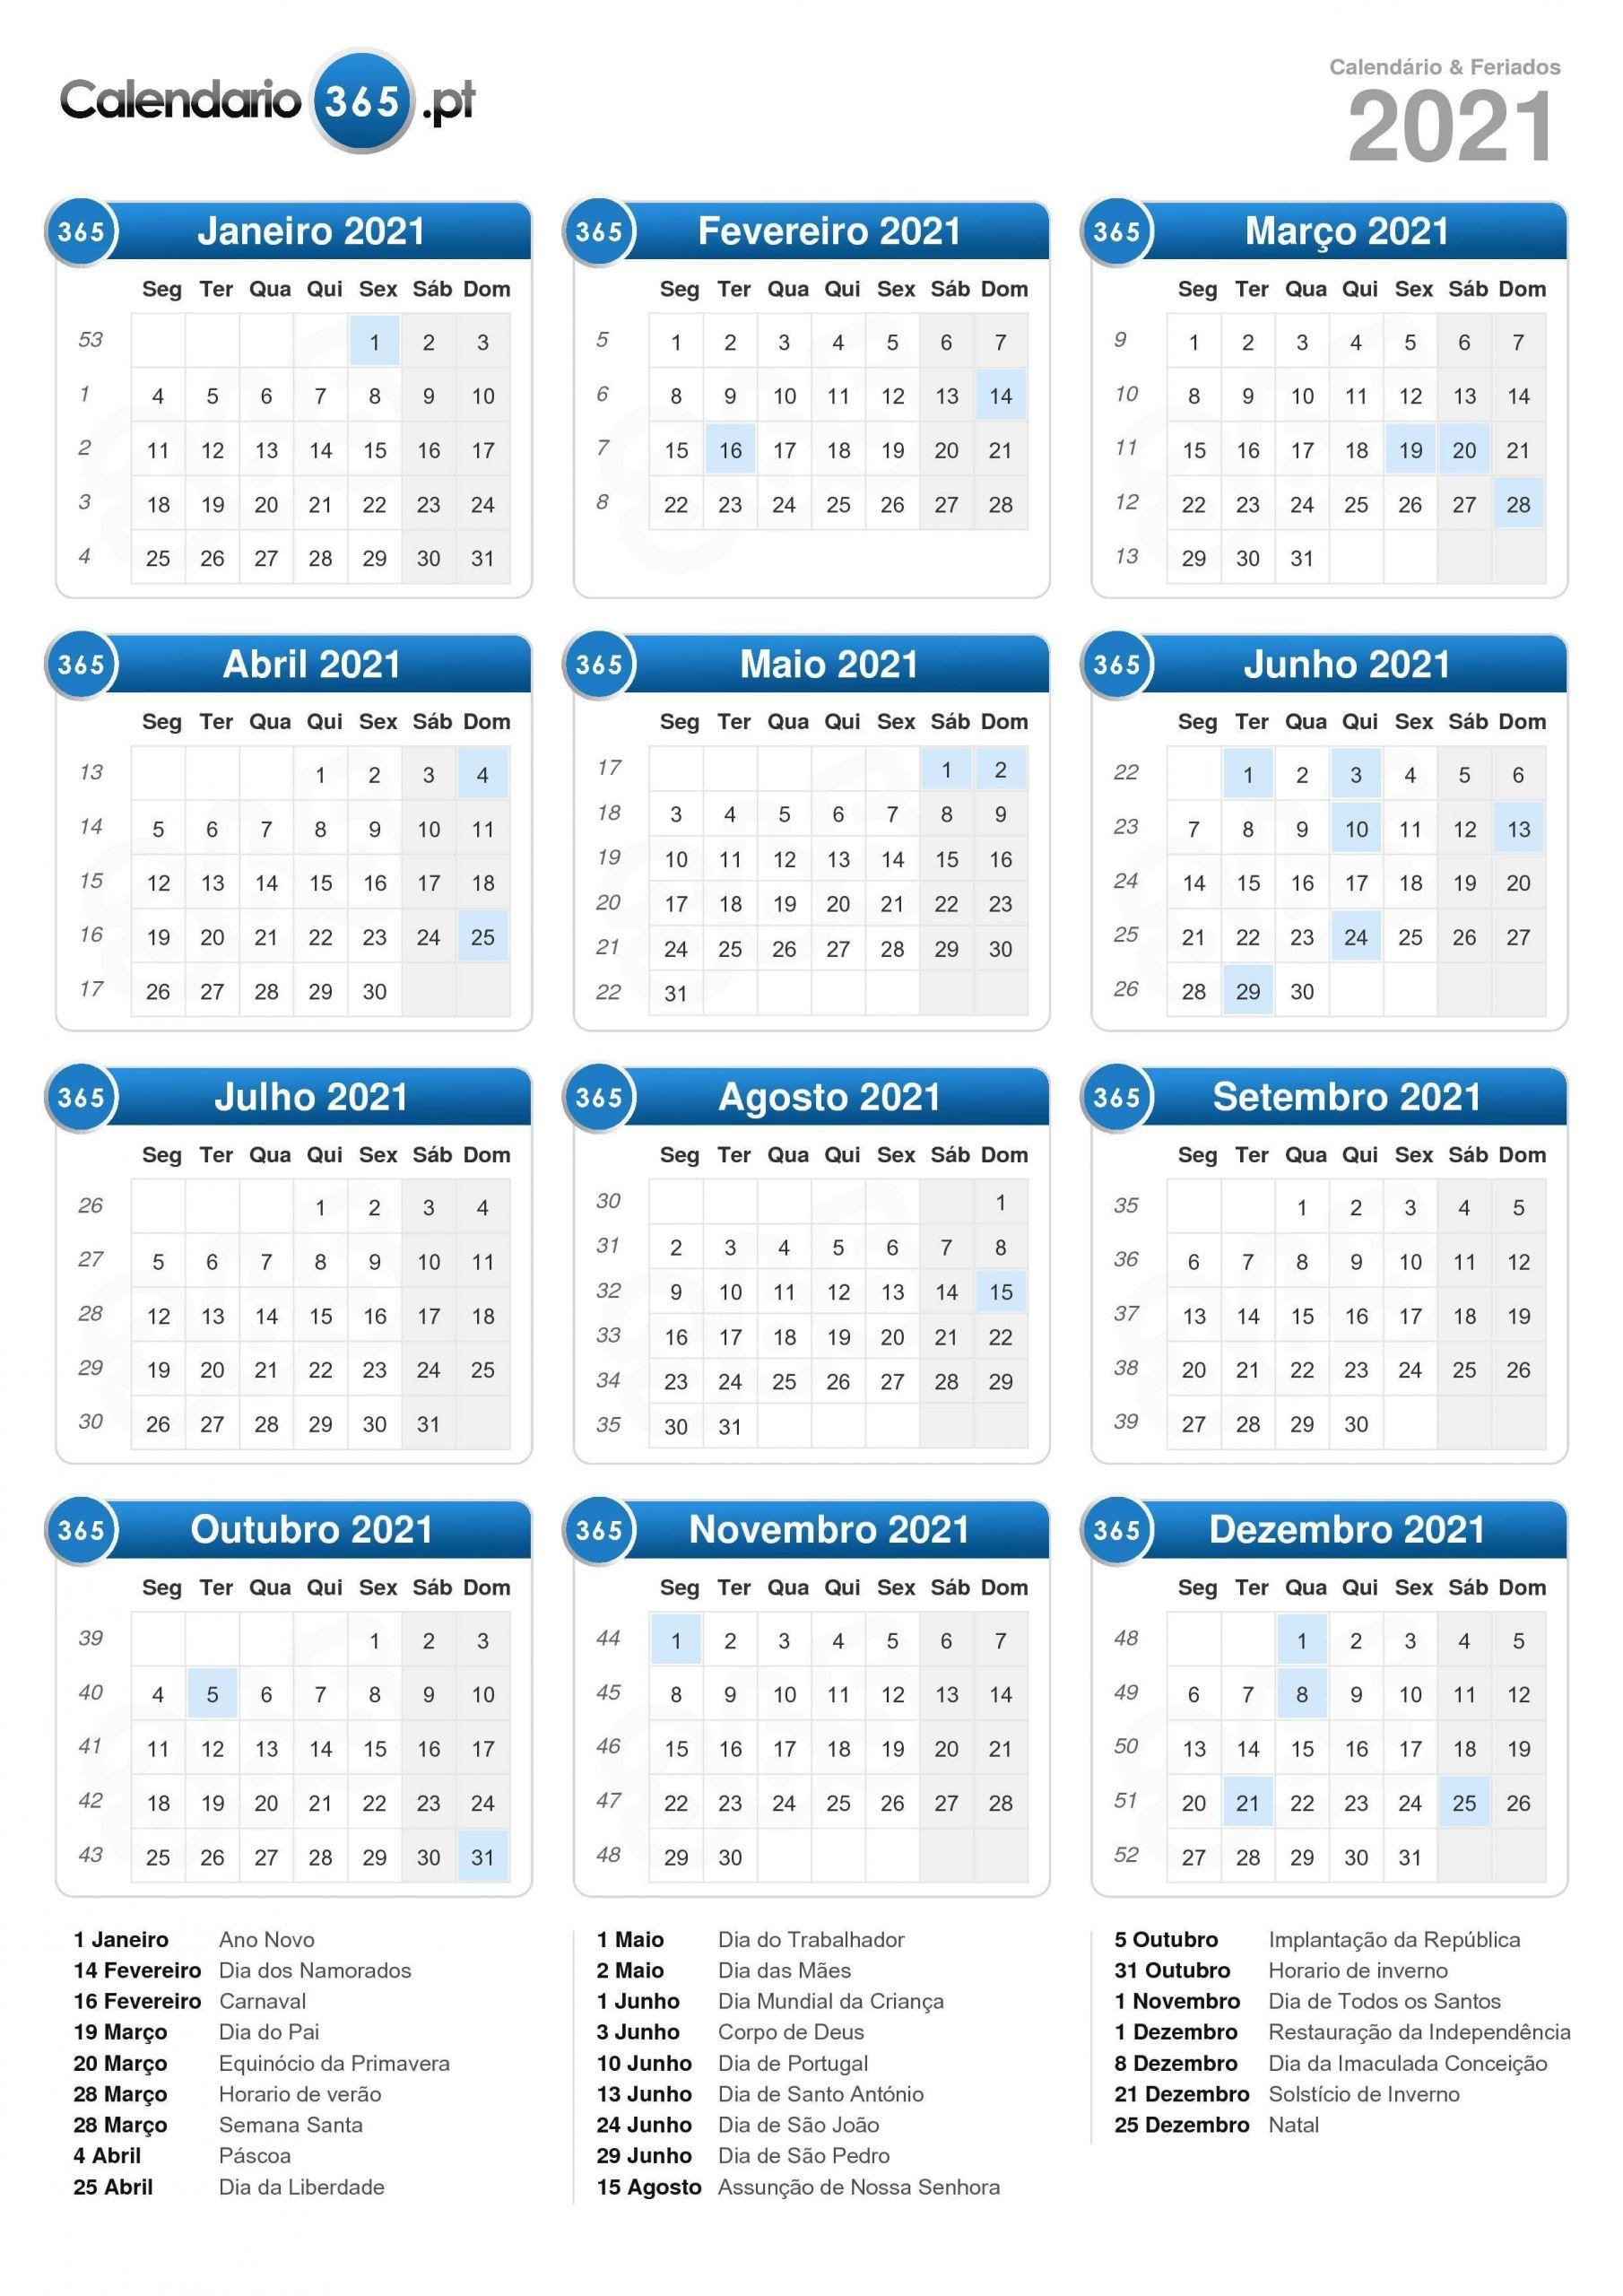 calendário 2021 formato de retrato